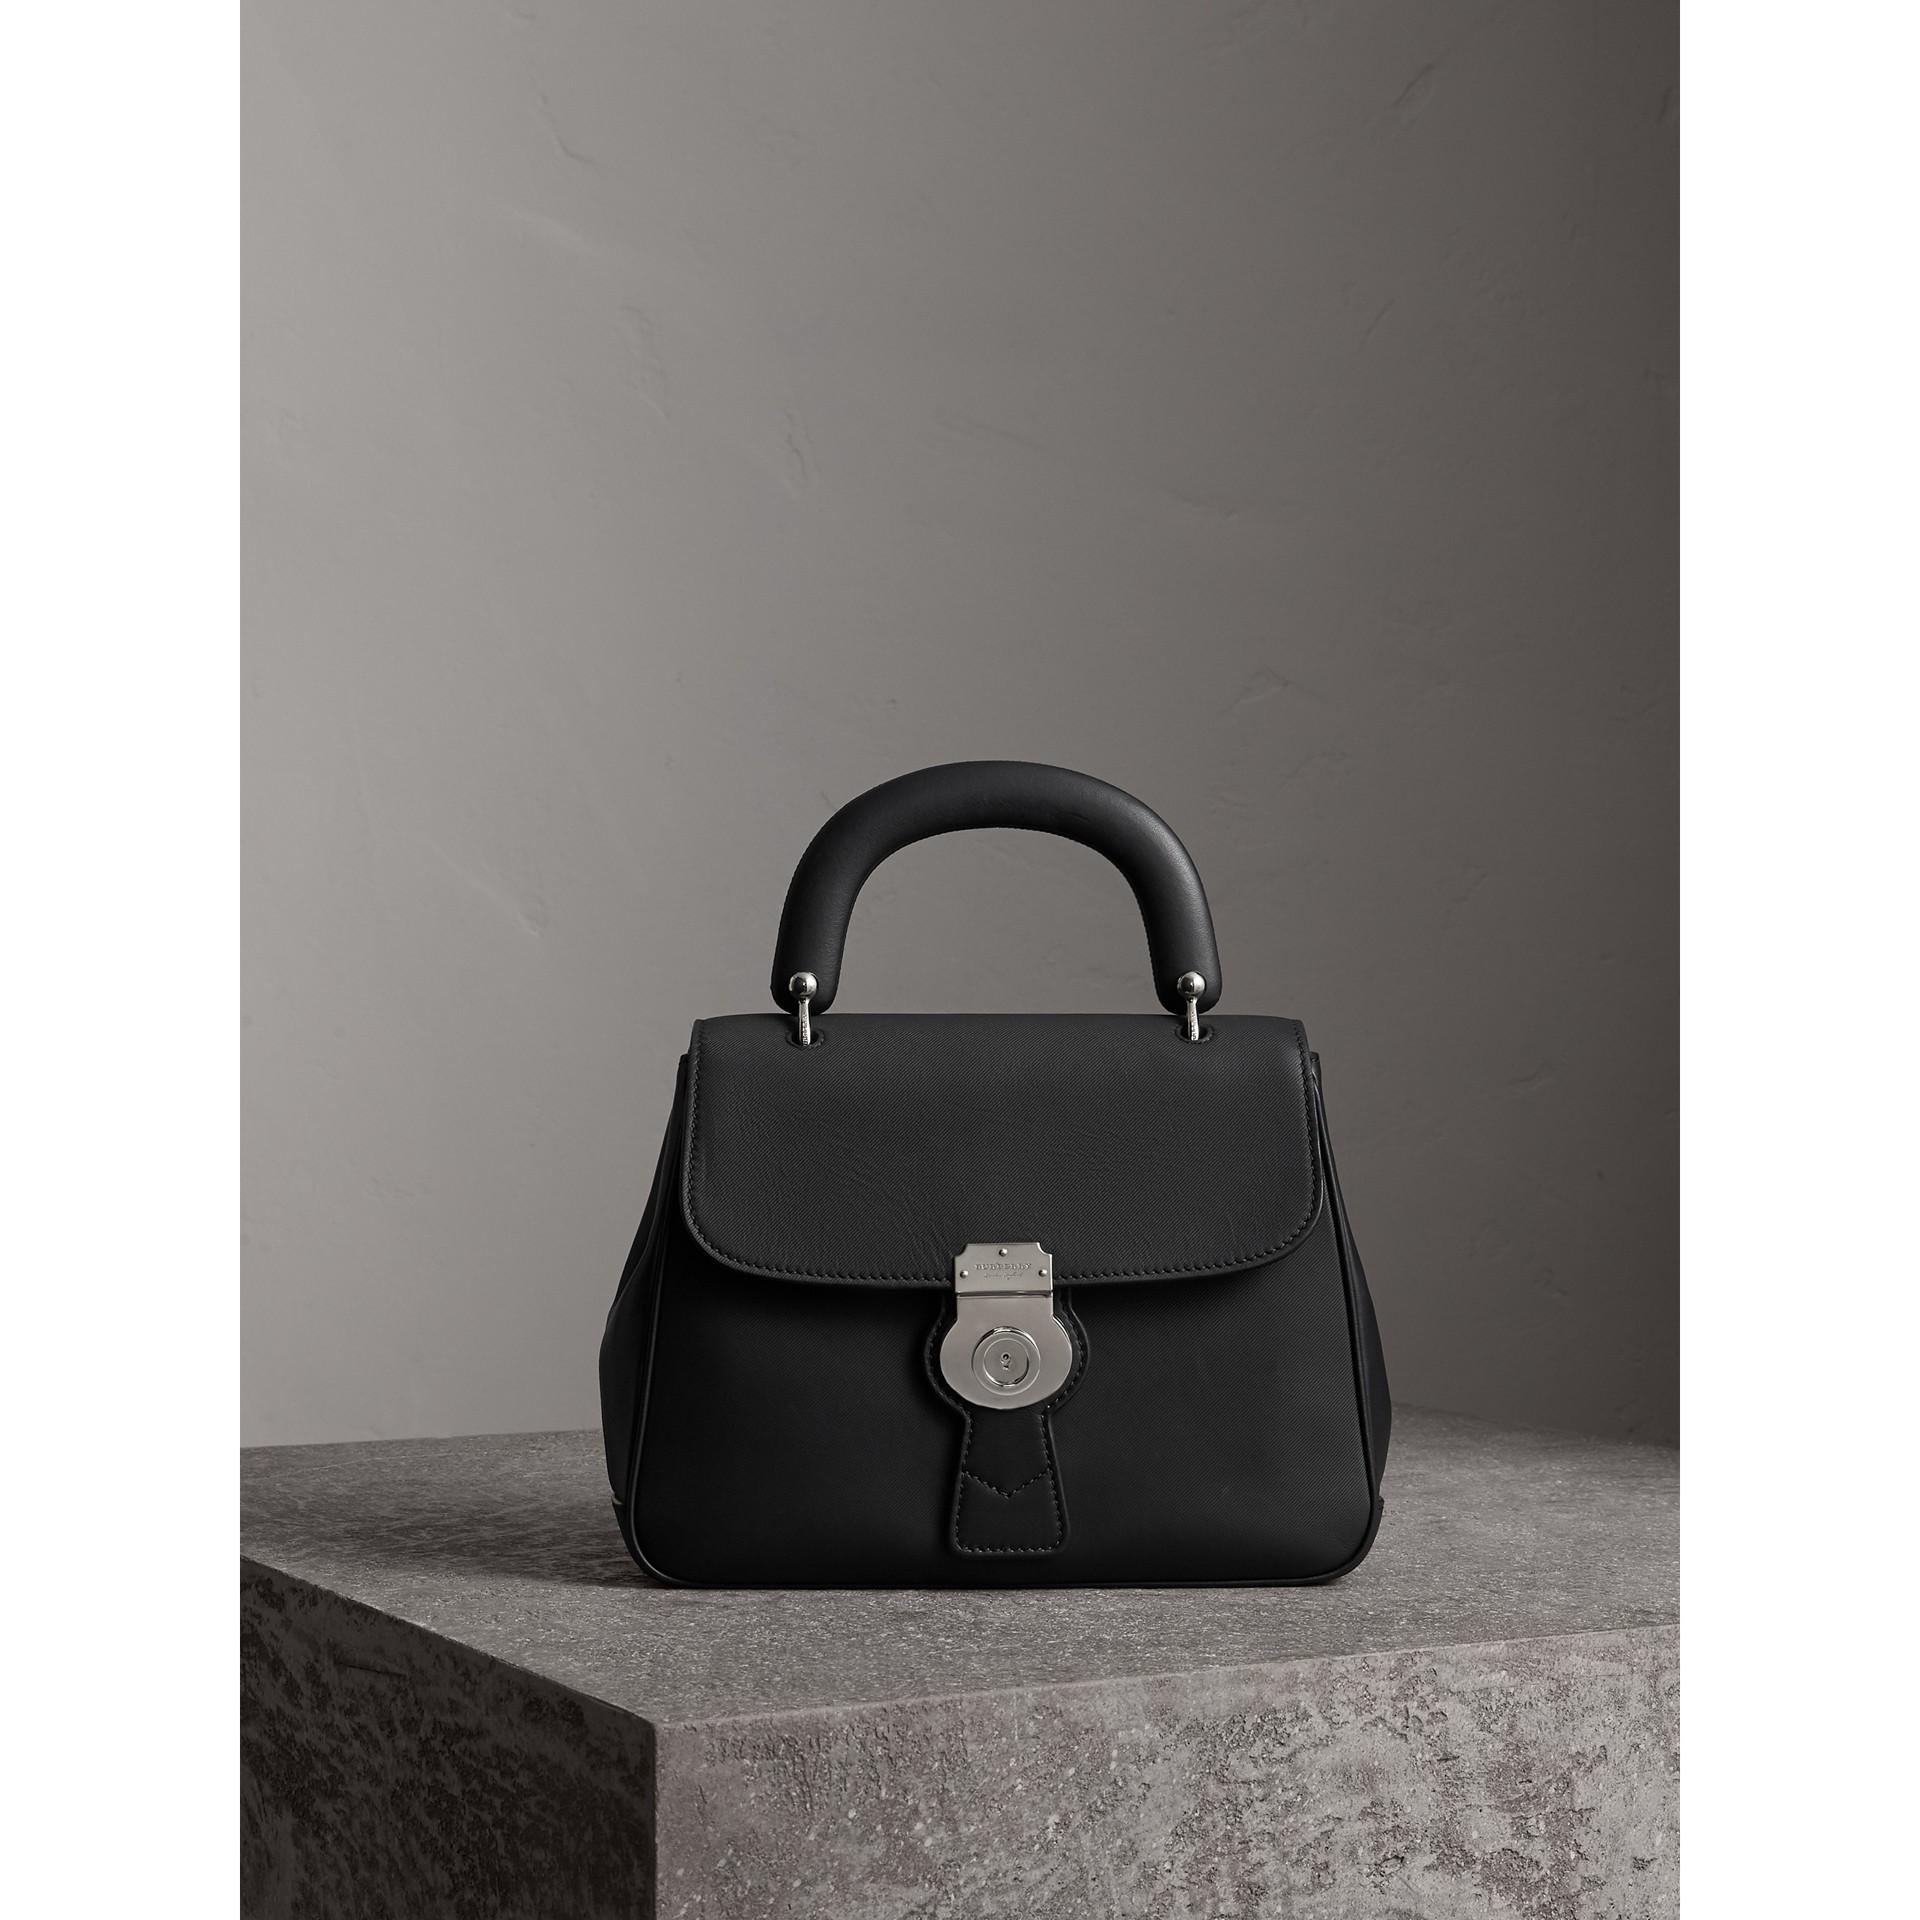 Bolsa de mão DK88 - Média (Preto 2) - Mulheres | Burberry - galeria de imagens 1